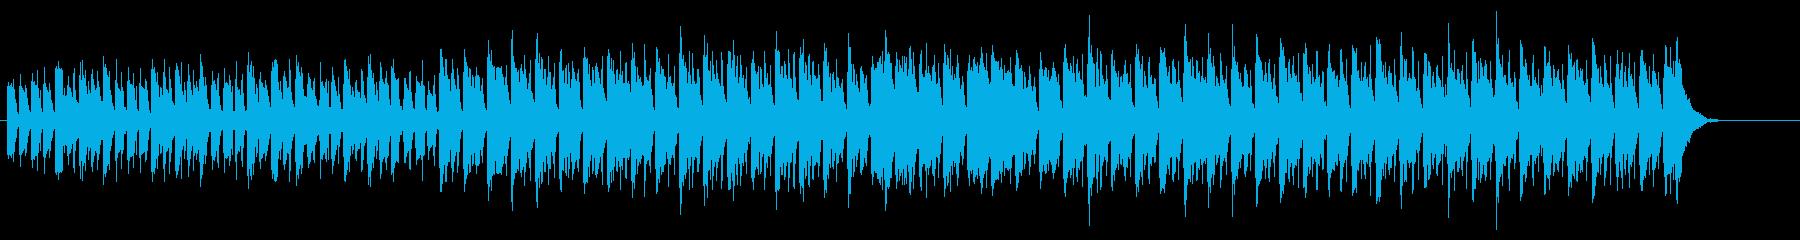 微笑ましいチュルドレン・ミュージック風の再生済みの波形